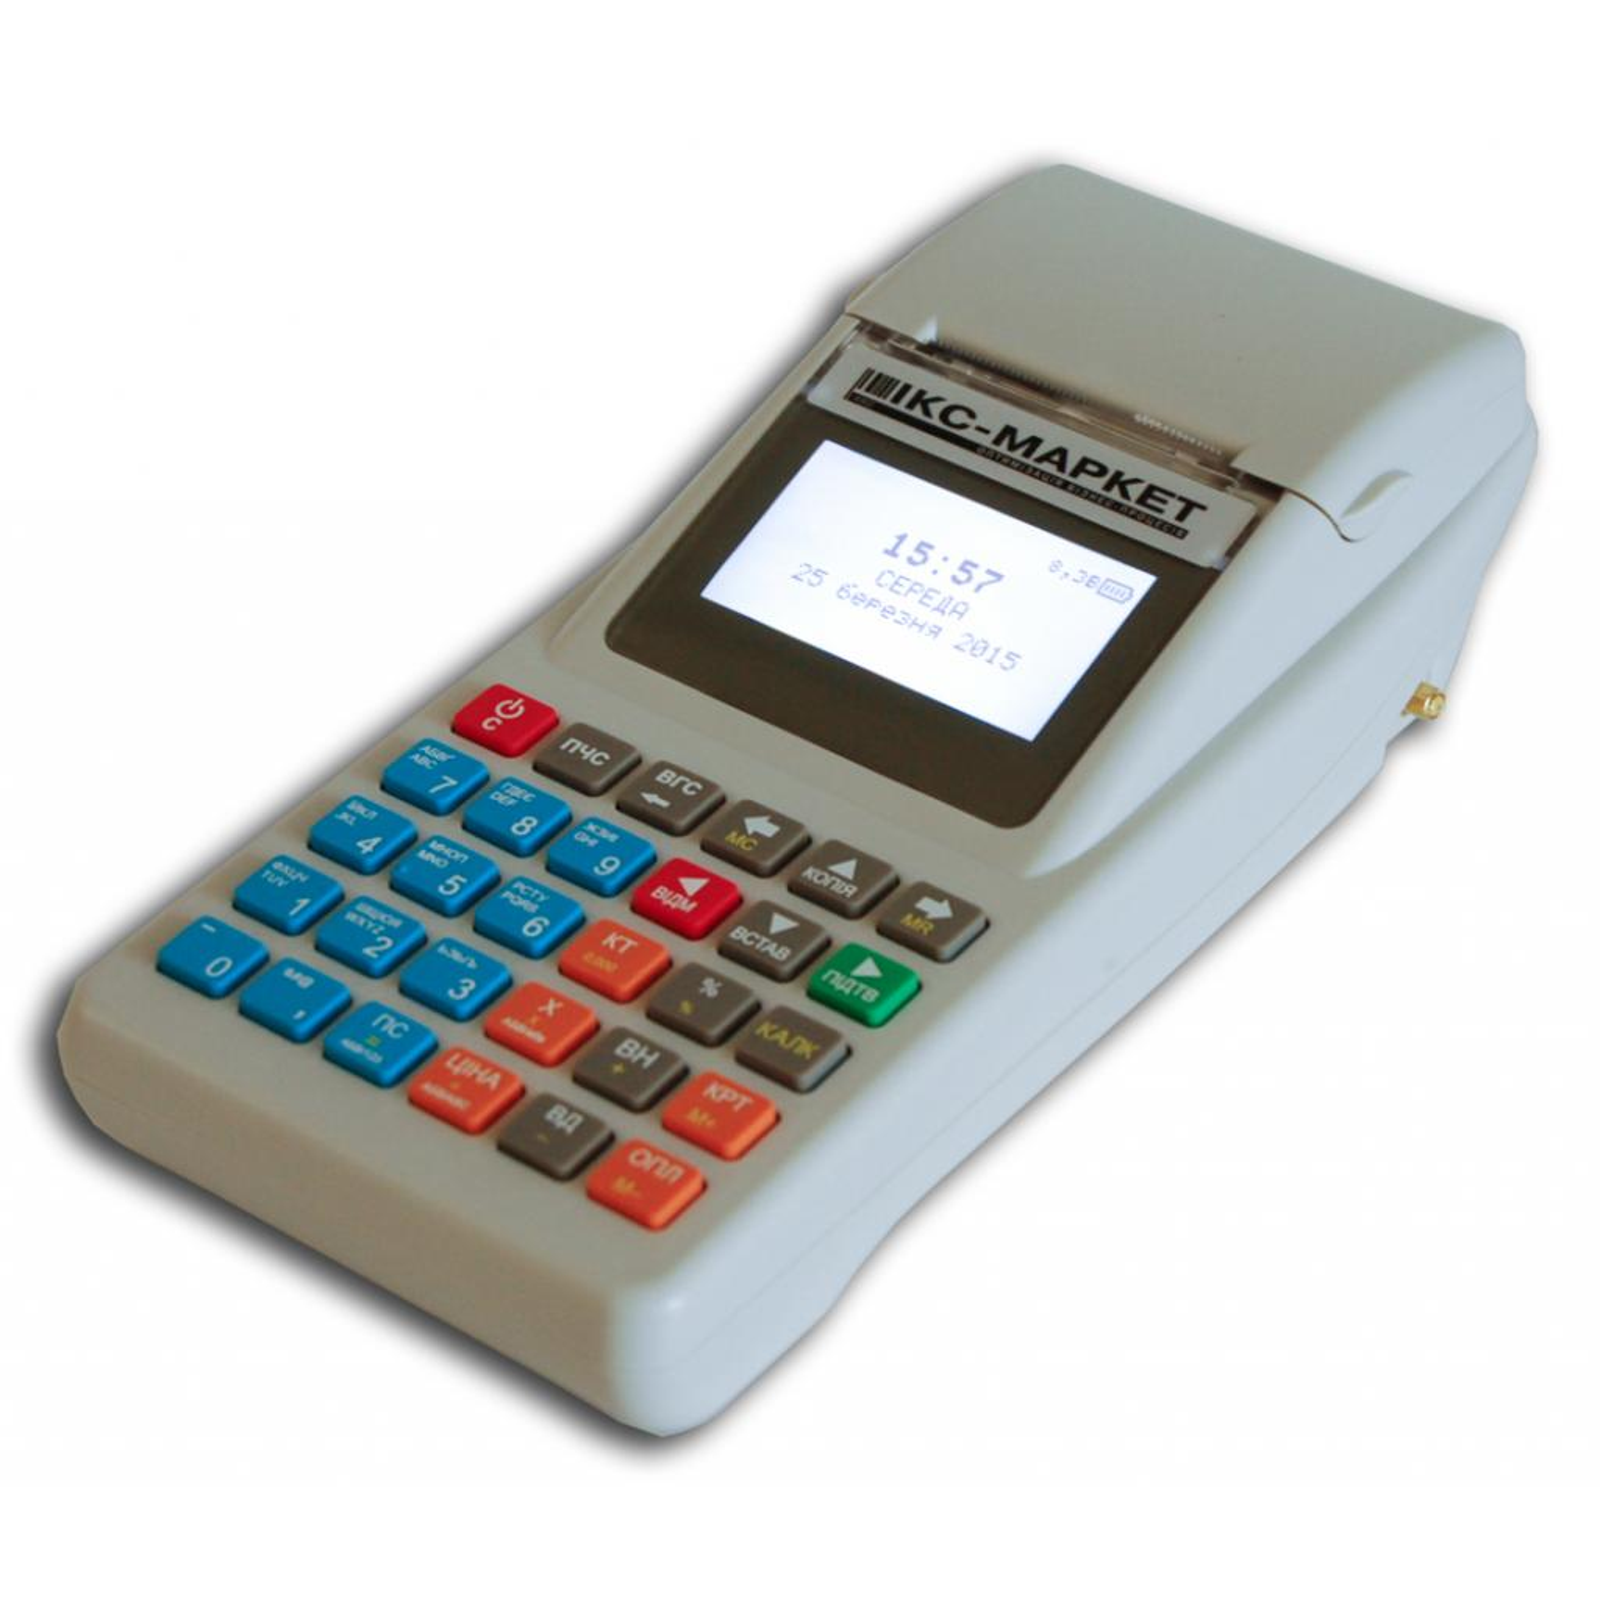 Кассовый аппарат ИКС-Маркет IKC-М510.01